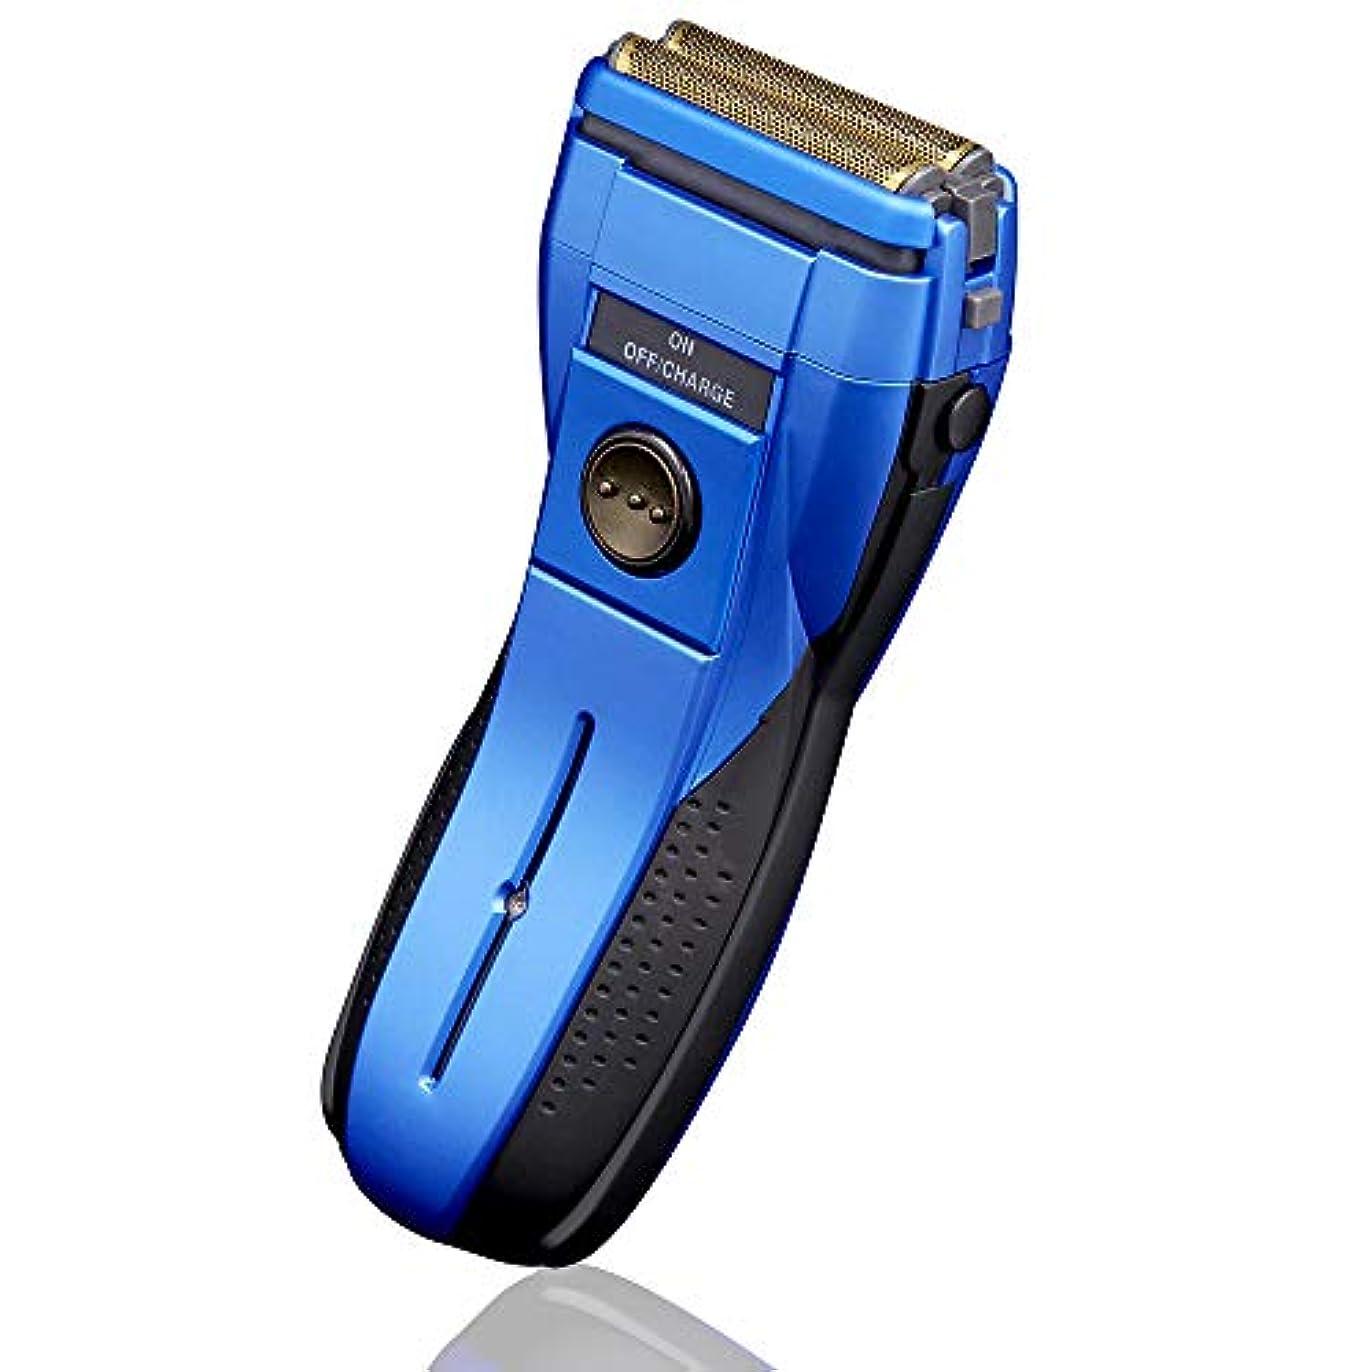 不利益条件付きおっと電気シェーバー 2枚刃 髭剃り メンズシェーバー 替え刃付属付き 水洗い対応 ウォッシャブル 充電式 独立フローティング2枚刃 (Blue)